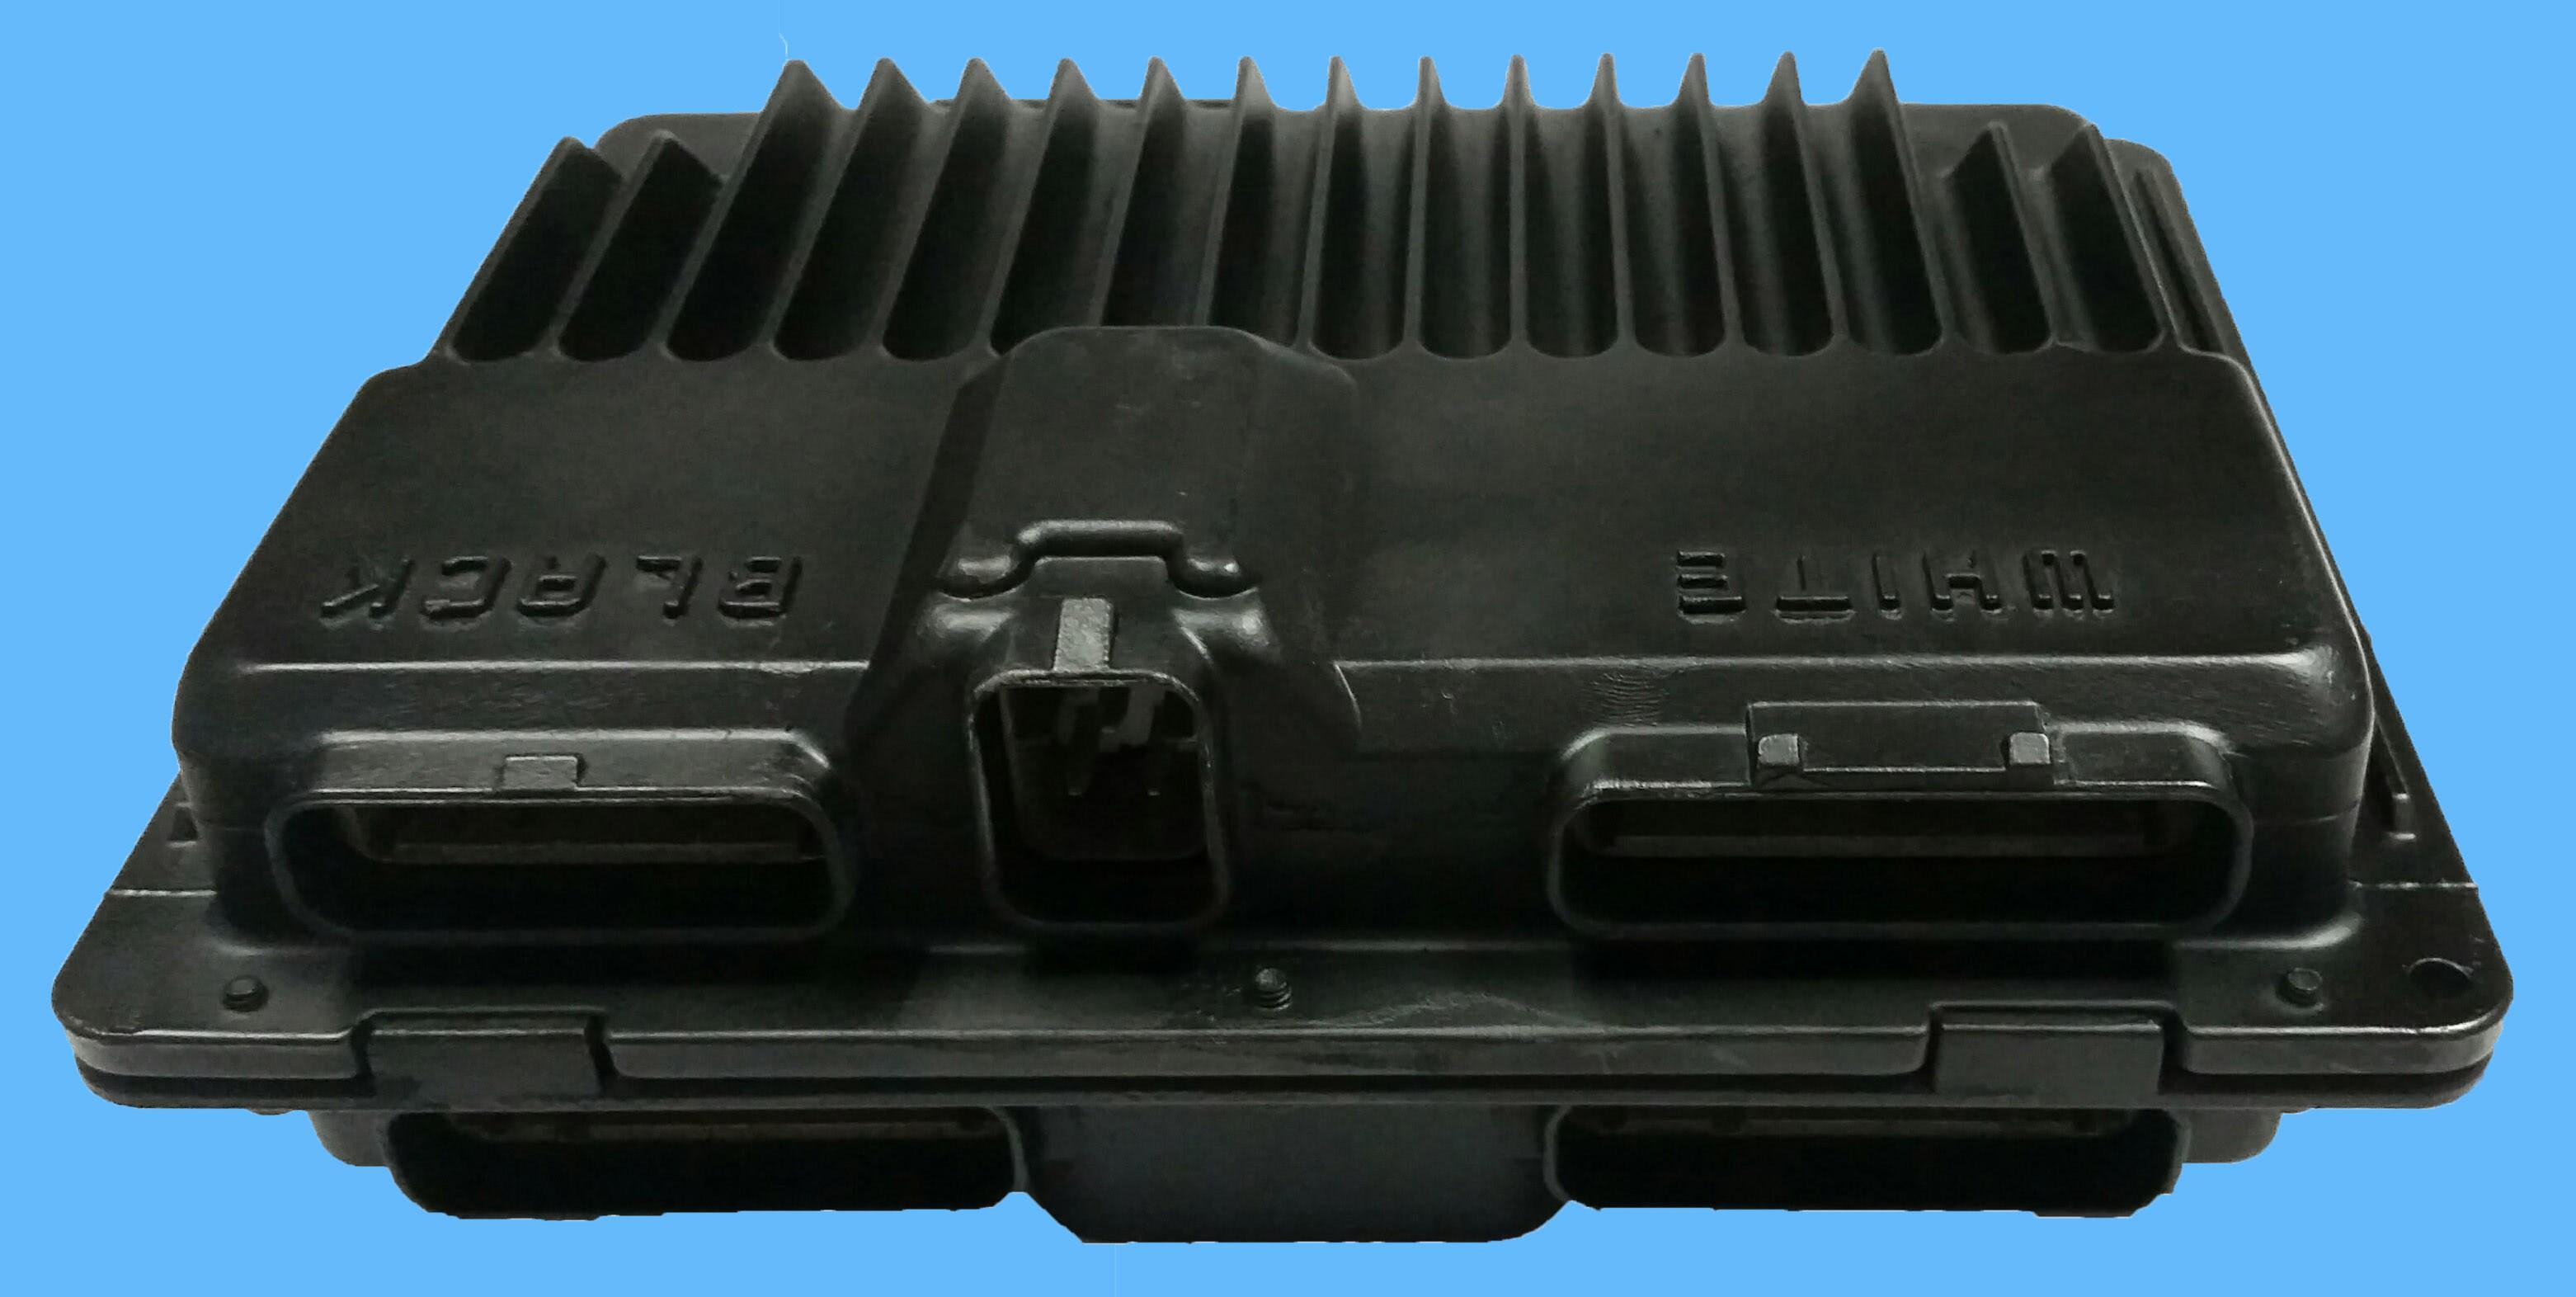 2000 Chevrolet Blazer 4.3L V6 Gas Engine Control Module ECM / ECU - Engine Control Module